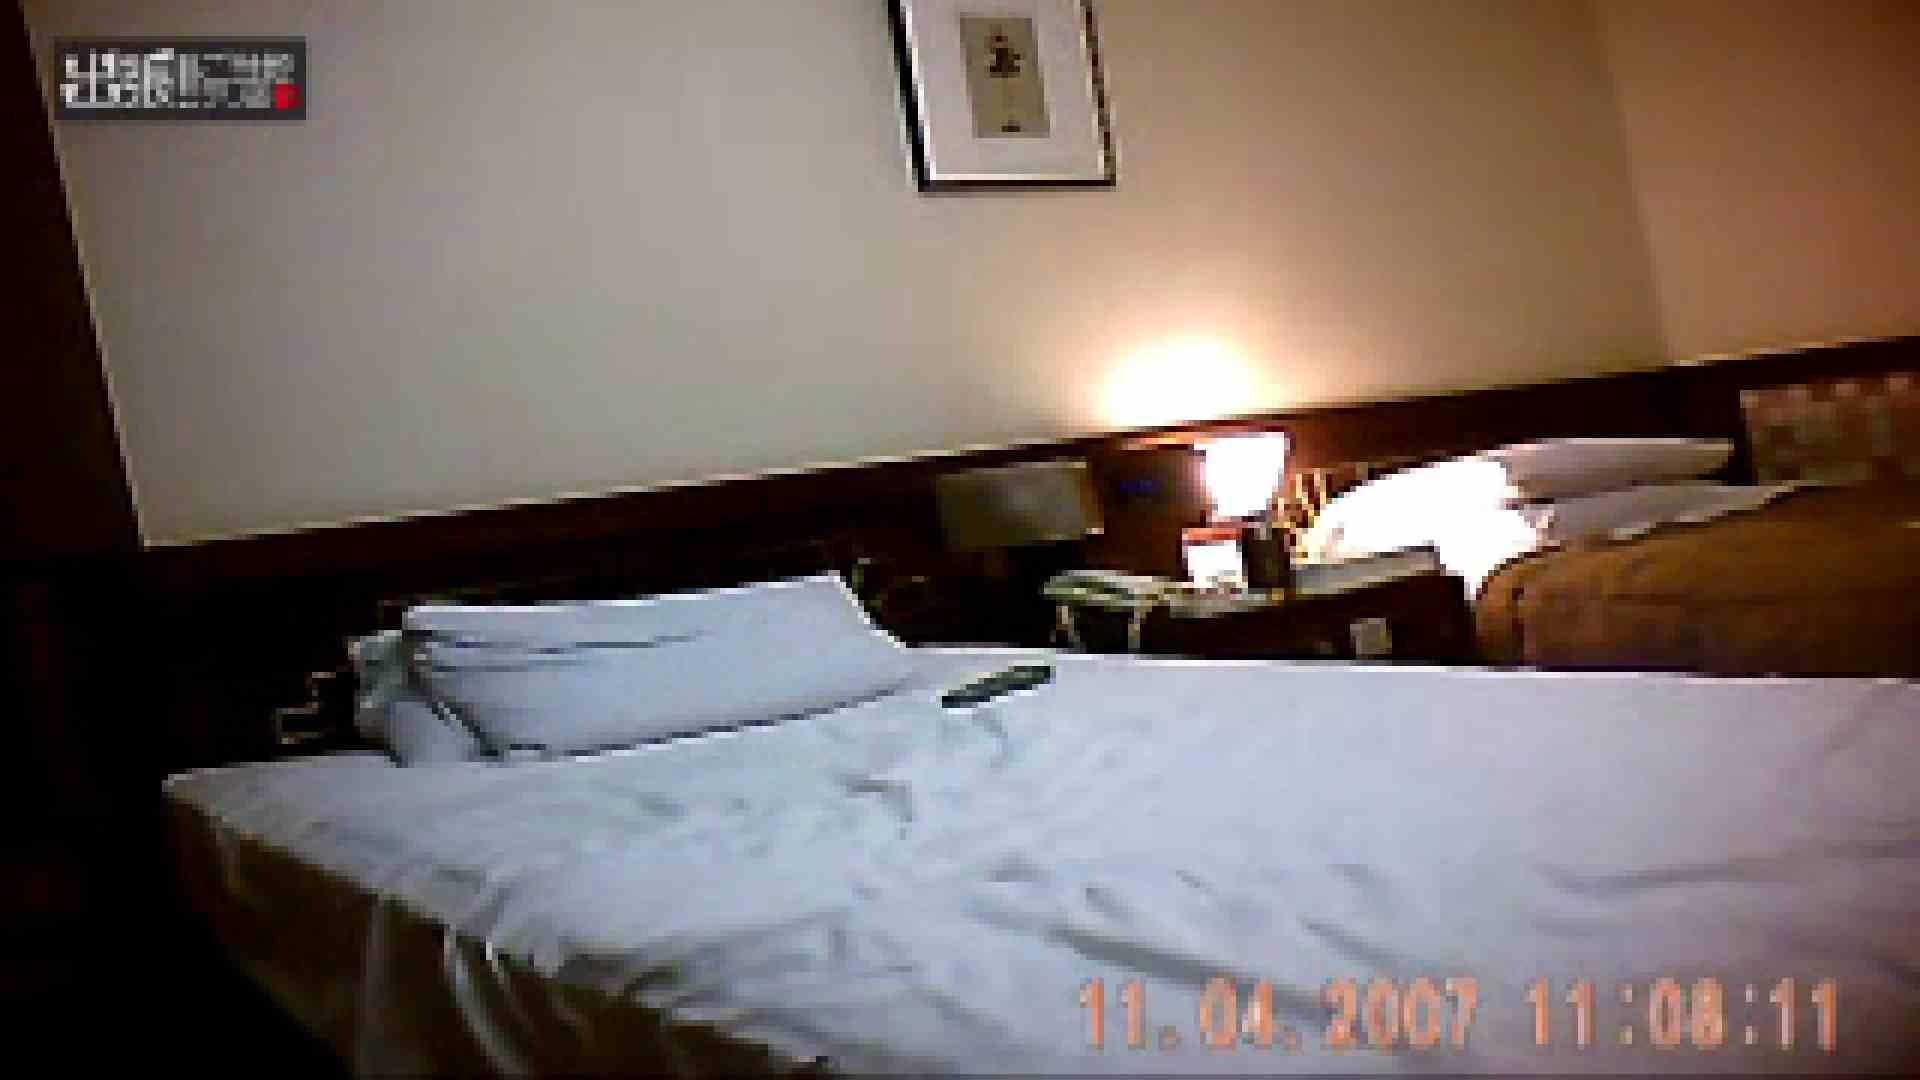 出張リーマンのデリ嬢隠し撮り第2弾vol.2 チラ歓迎 オメコ無修正動画無料 79pic 57